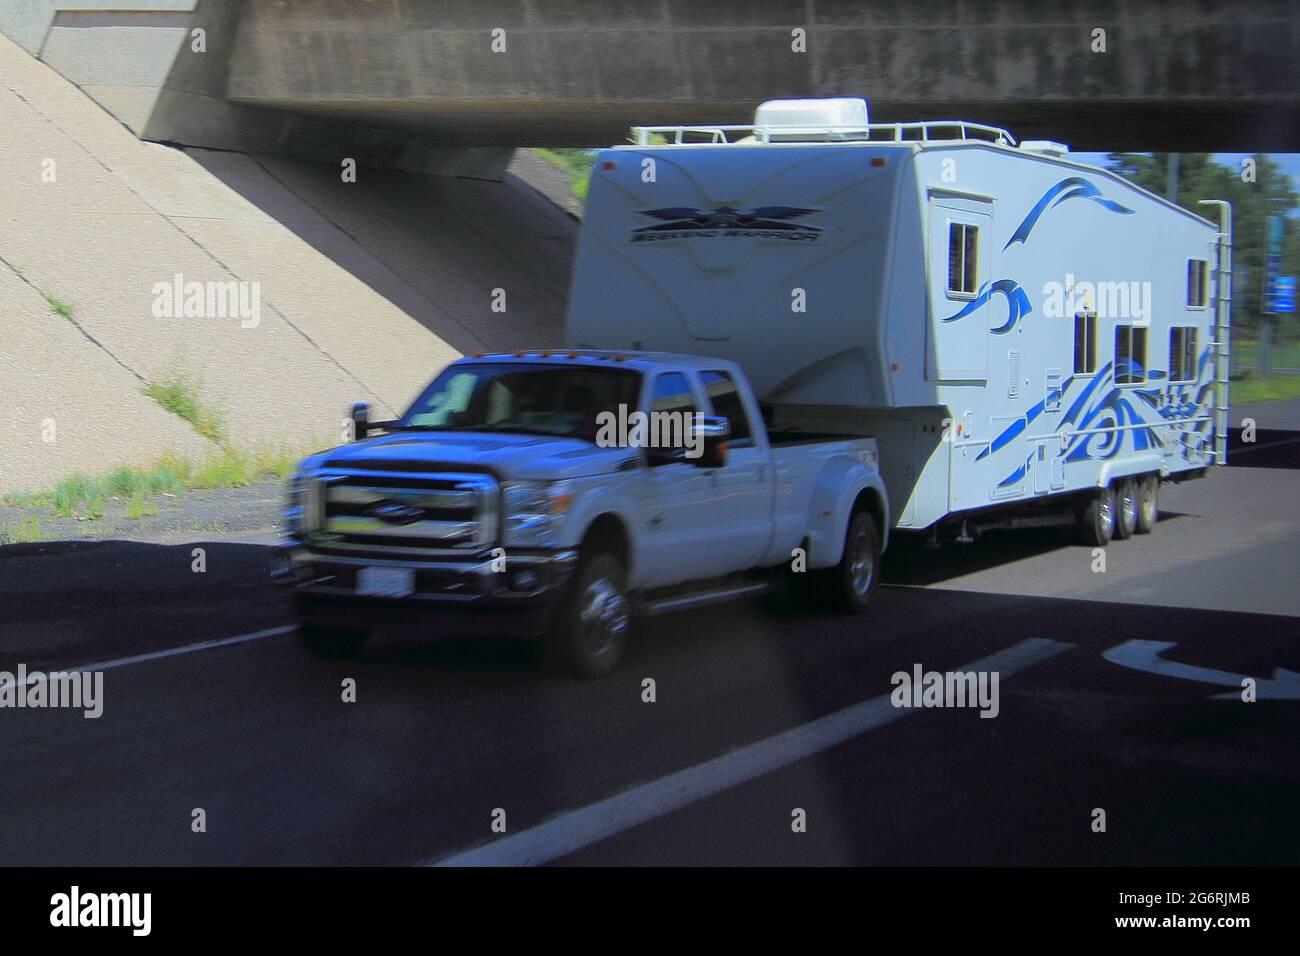 Prendre des photos de la voiture dans la ville Banque D'Images